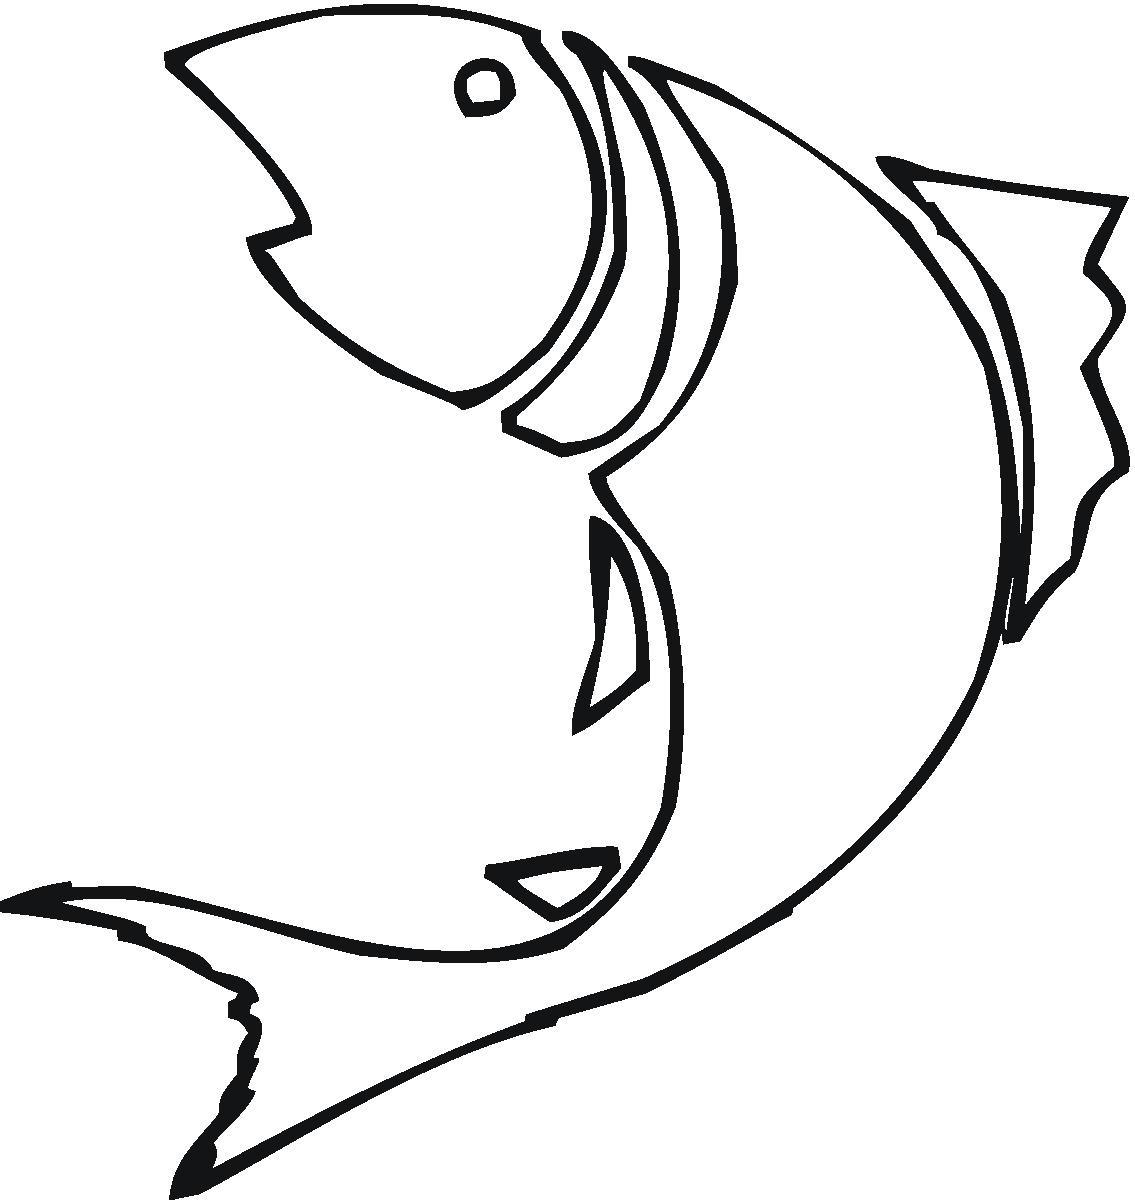 1135x1200 Best Fish Outline Clip Art